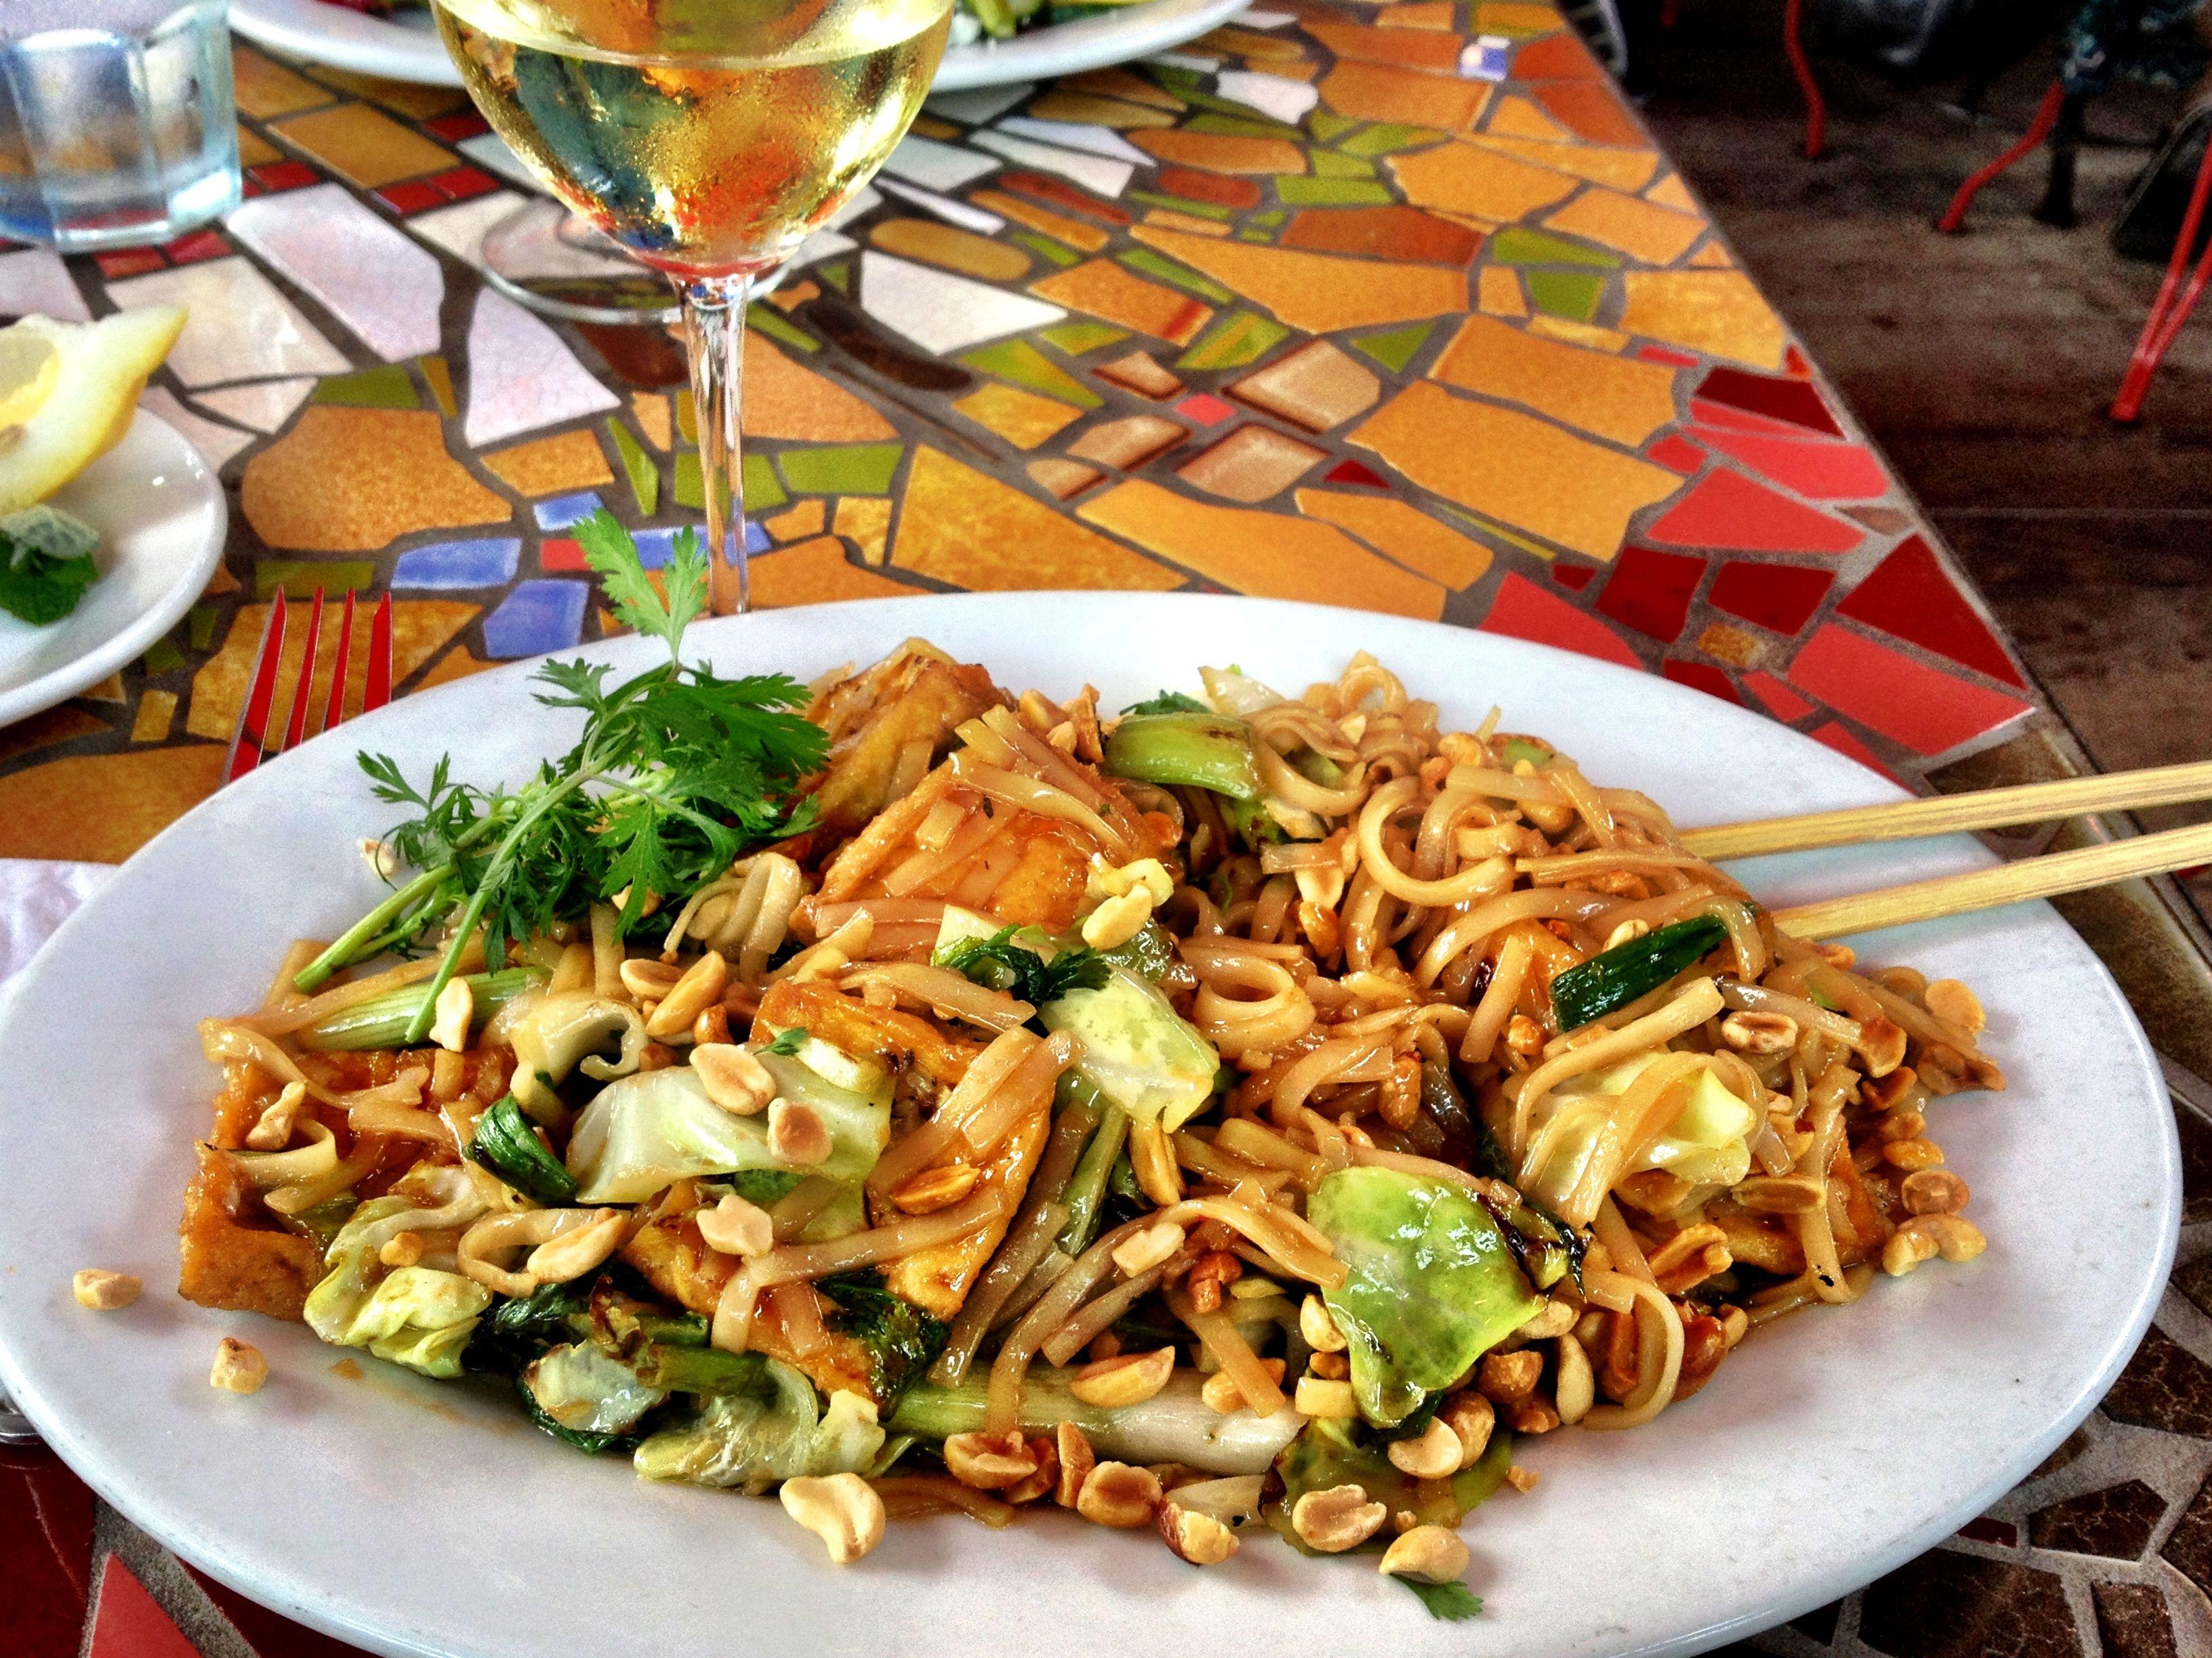 Vegan Pad Thai At Robin S Place In Cambria Ca Vegan Pad Thai Vegetarian Recipes Food